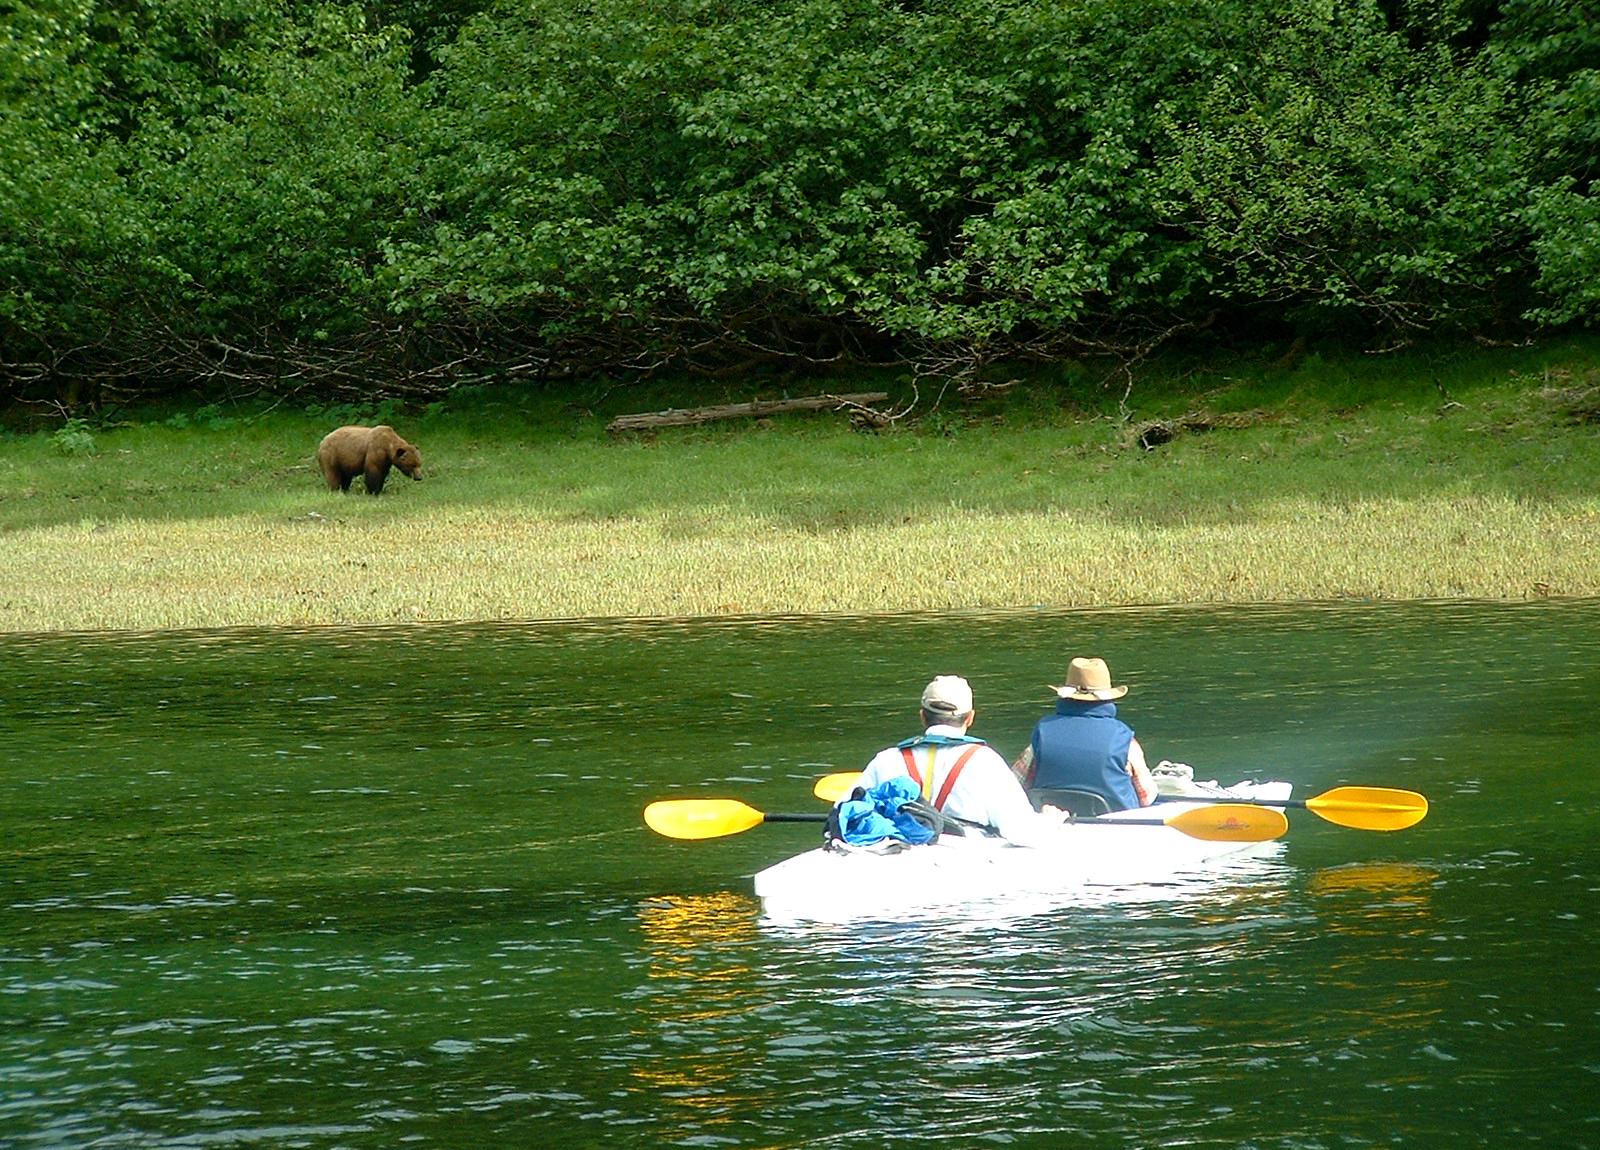 Silently kayaking while bear watching